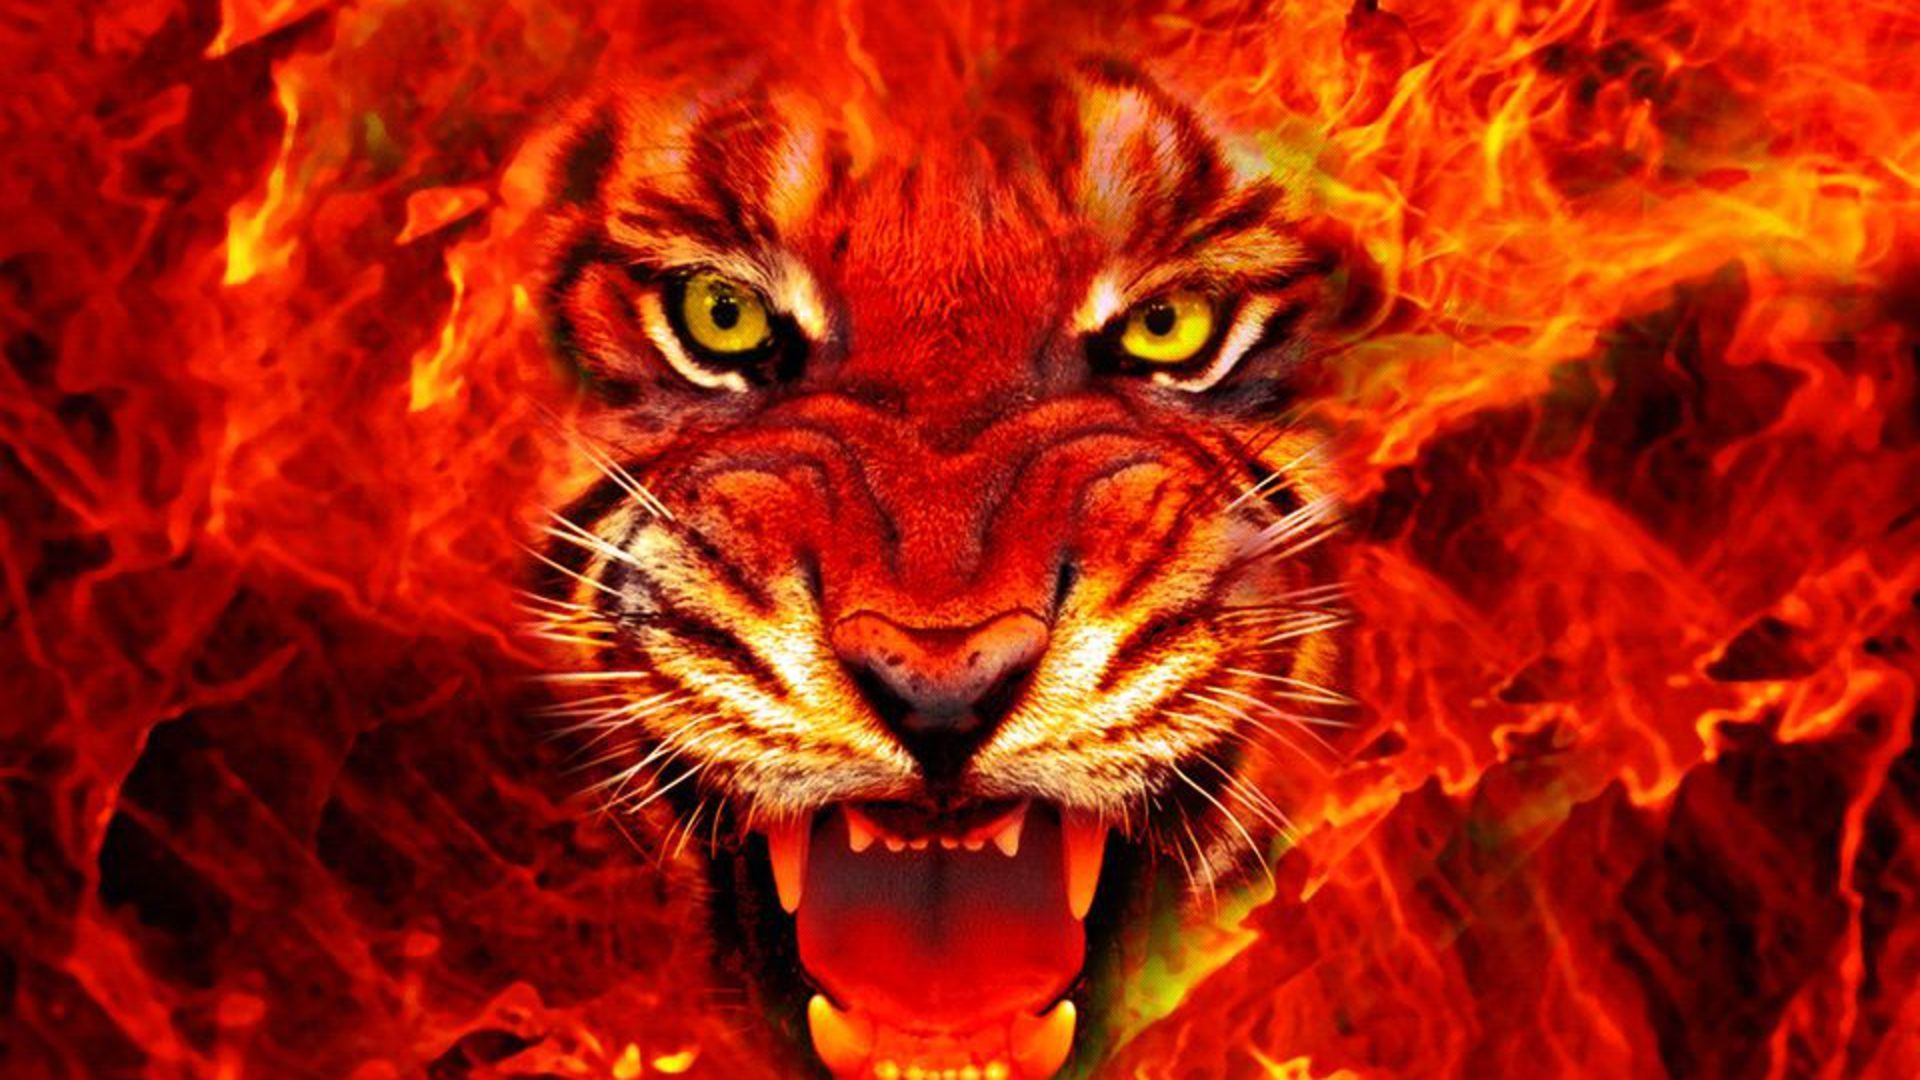 Fire wallpaper harida best hd wallpapers fire - Phone wallpapers fire ...